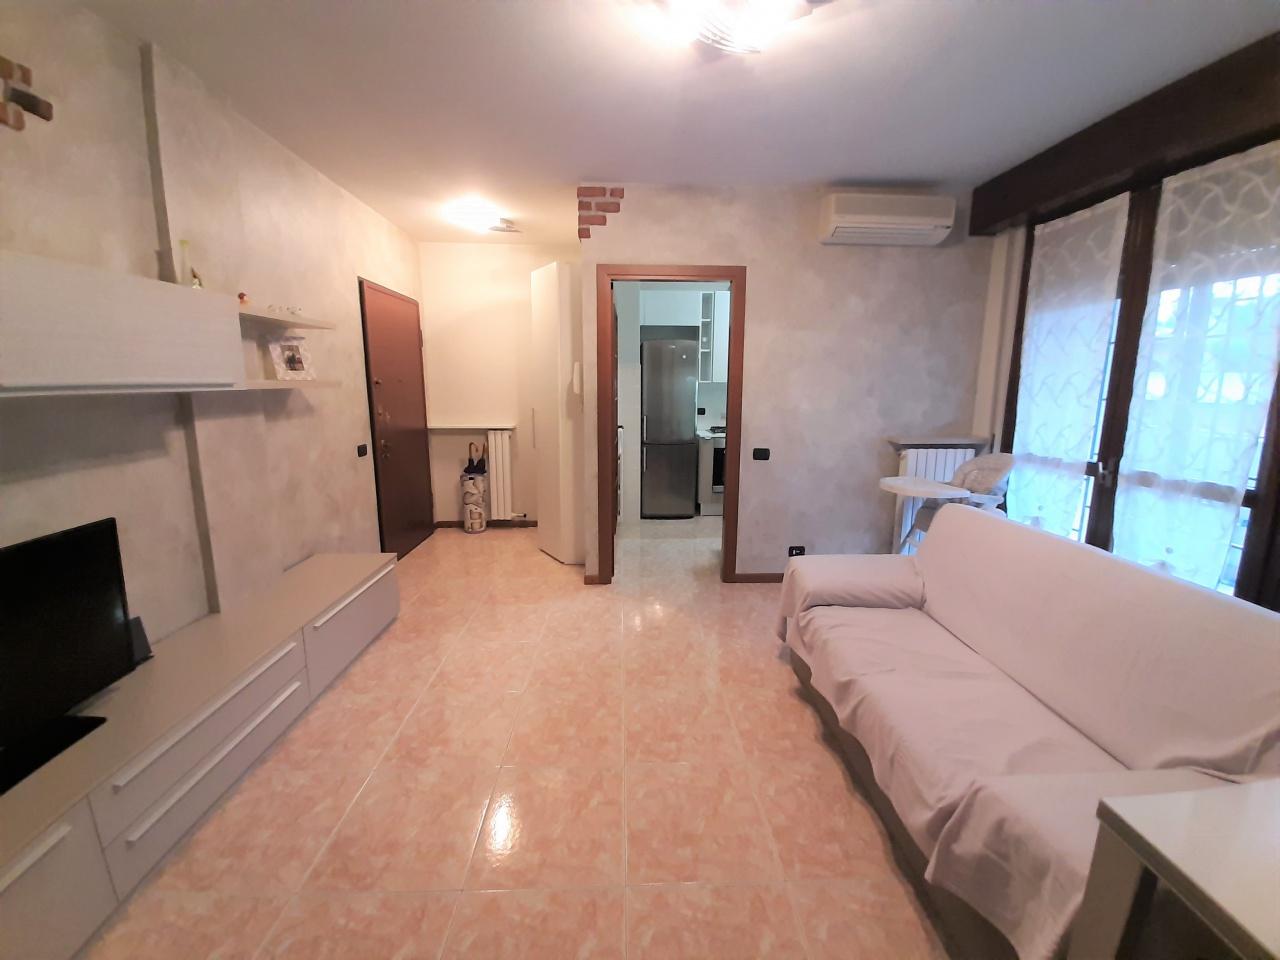 Appartamento in vendita a Gorgonzola, 3 locali, prezzo € 159.000 | CambioCasa.it